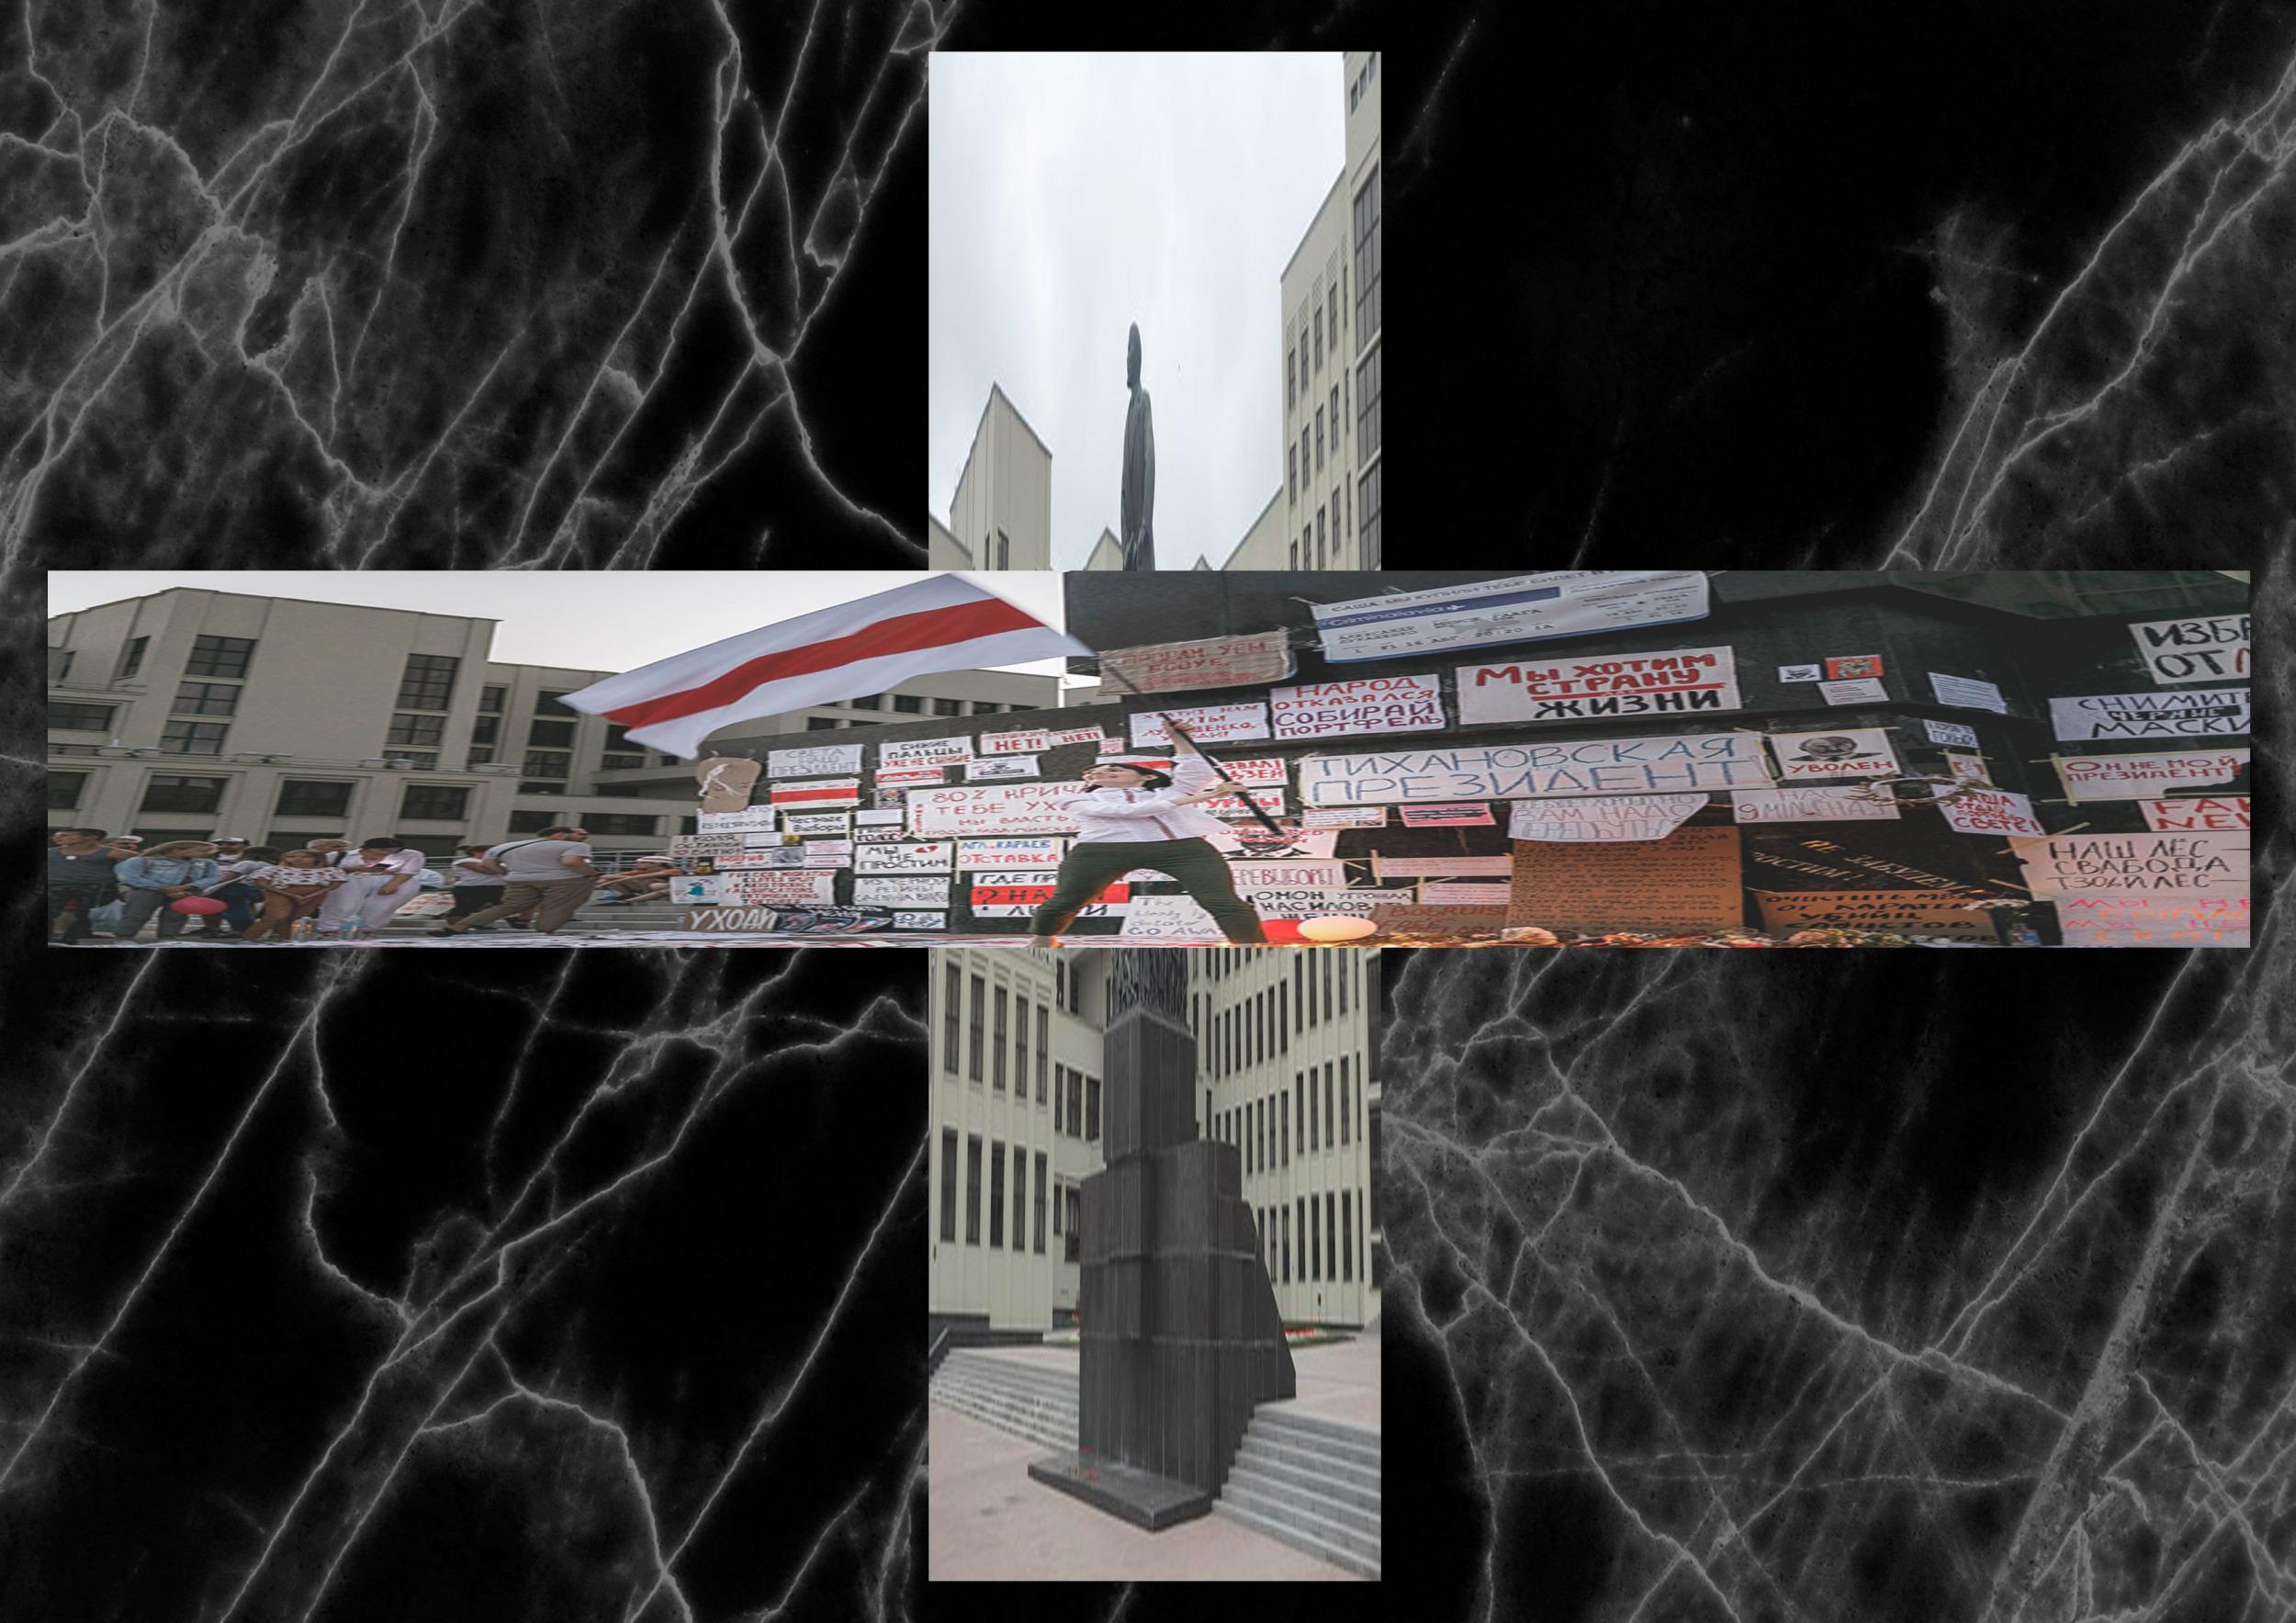 Czarne tło przerywane białymi liniami. Na środku dwa zdjęcia złożone w krzyż. Na zdjęciu pionowym widać szary pomnik, przysłonięty zdjęciem poziomym, które przedstawia osobe wymachującą flagą białoruską.